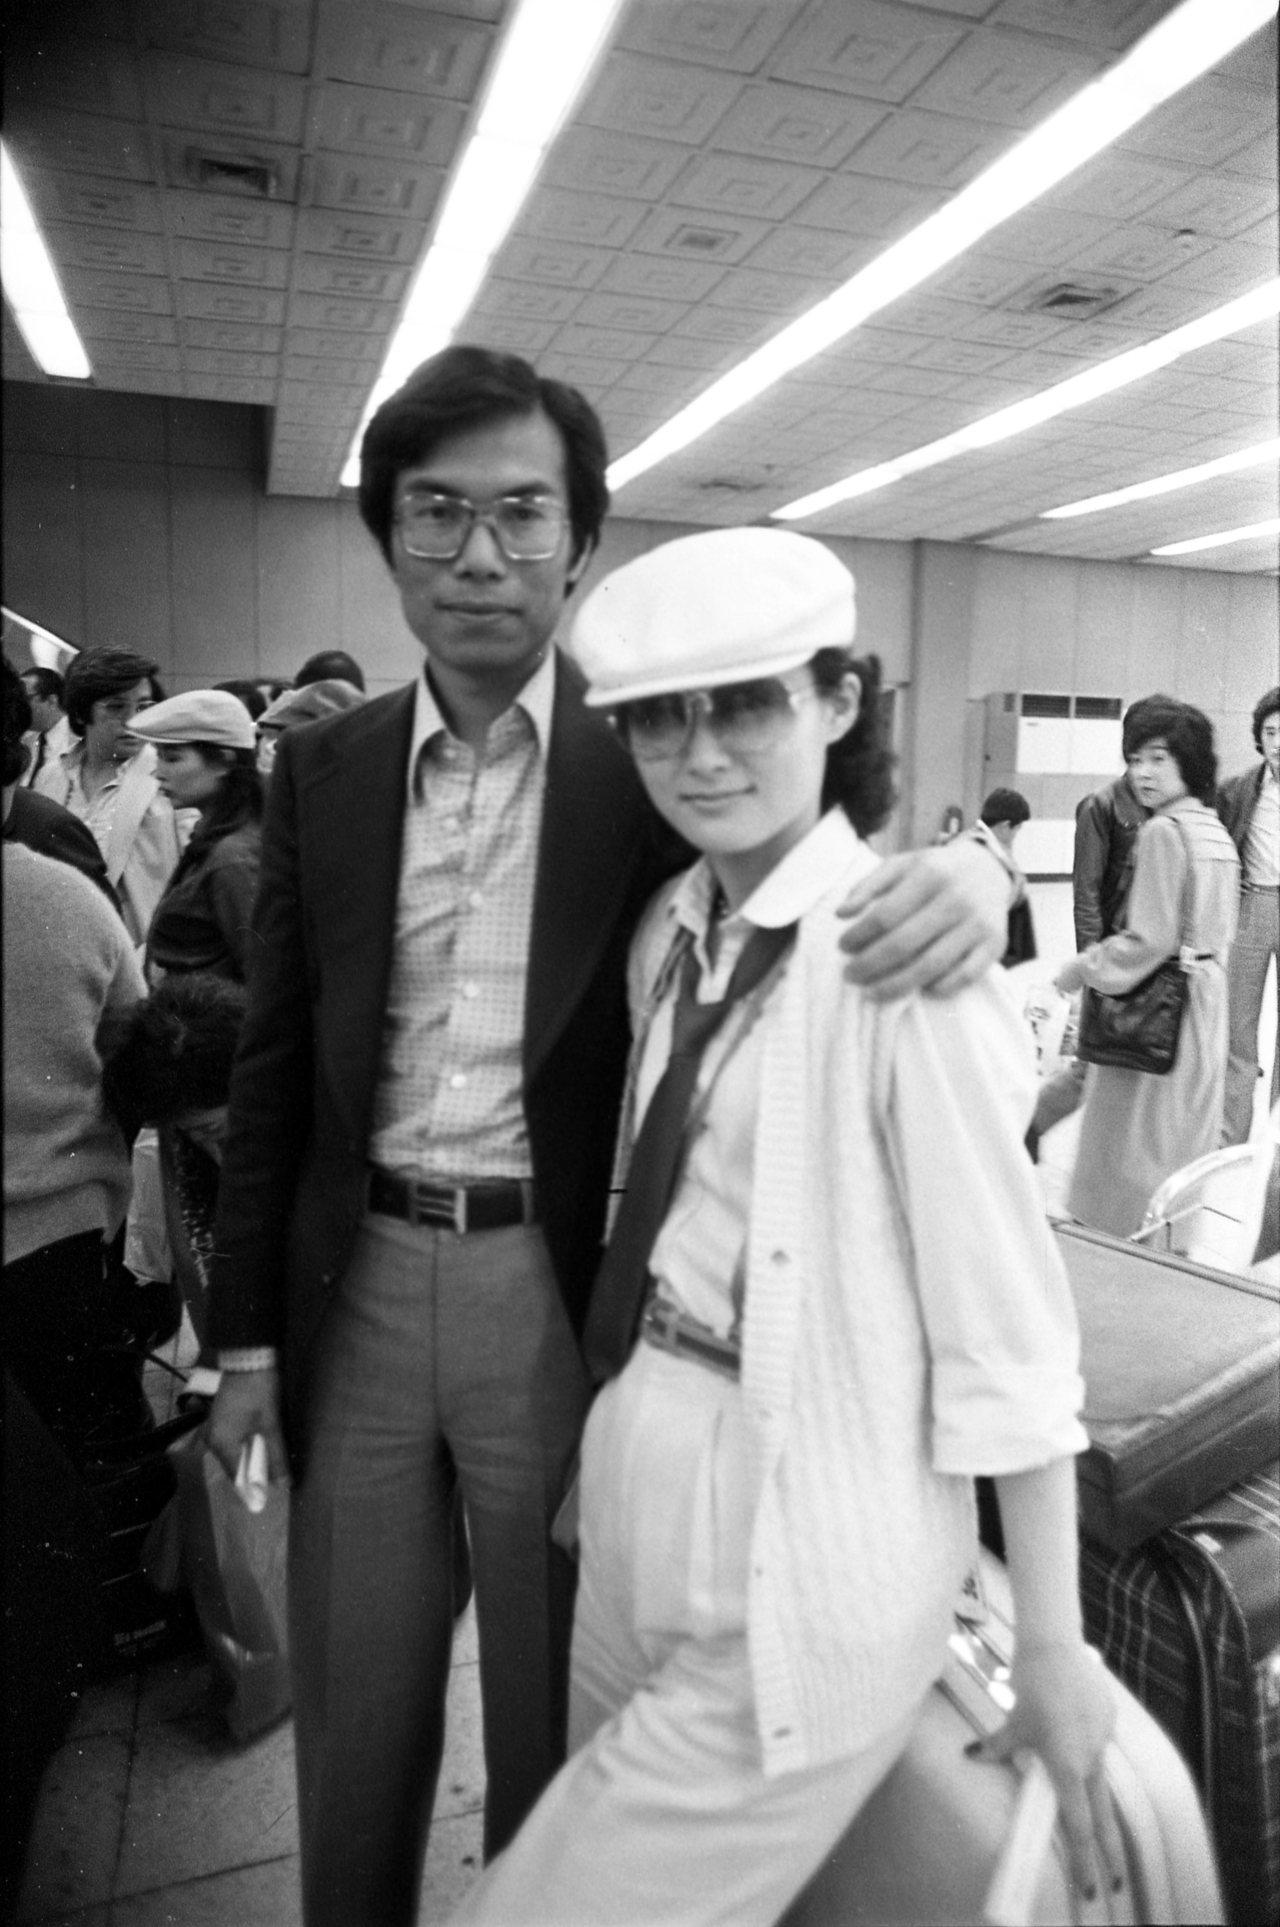 潘迎紫曾嫁給陳浩的哥哥陳鴻烈,讓陳麗麗及潘迎紫一度結為妯娌。圖/本報資料照